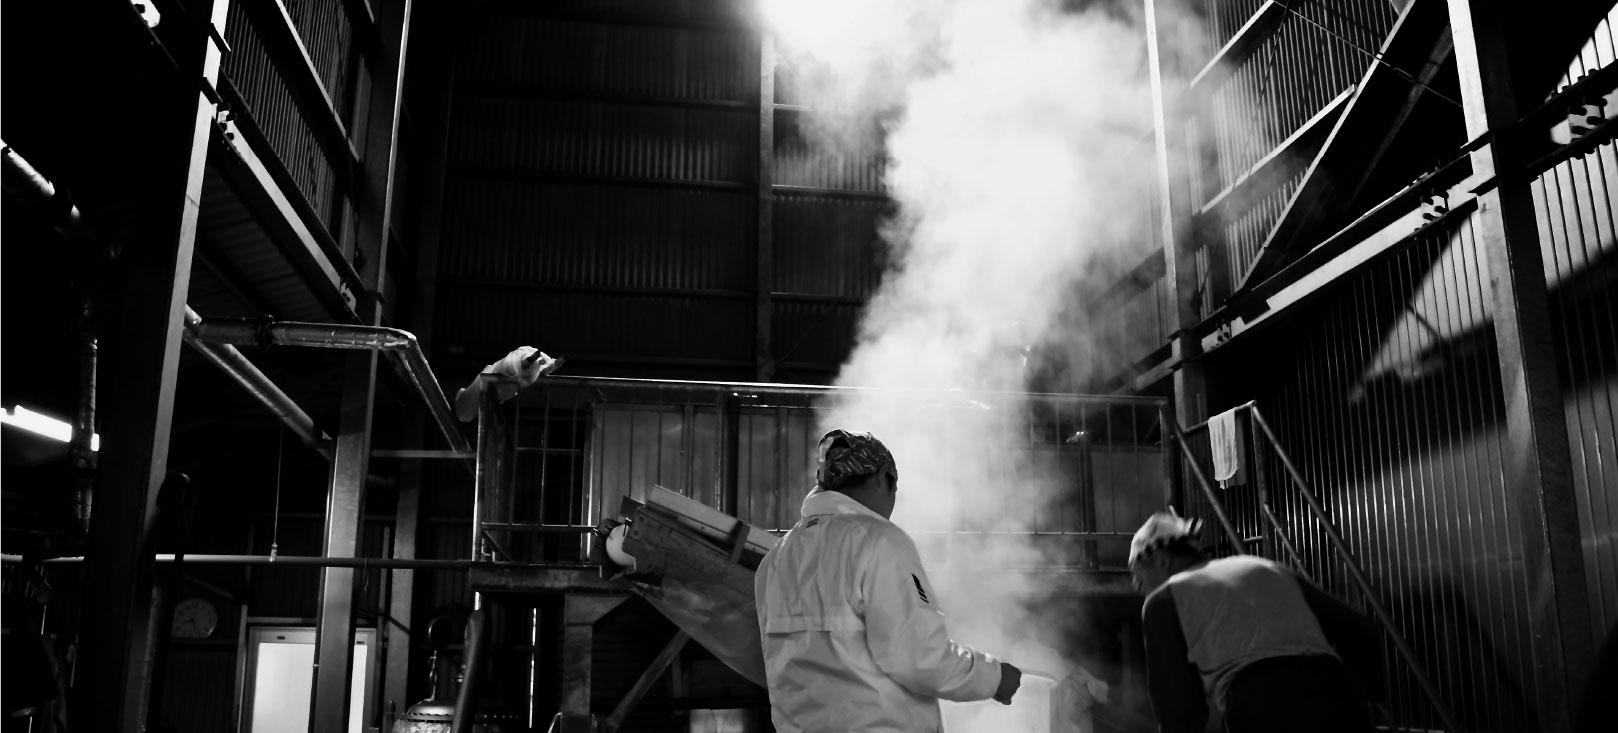 石鎚酒造の酒造り|洗米・浸漬・蒸きょう